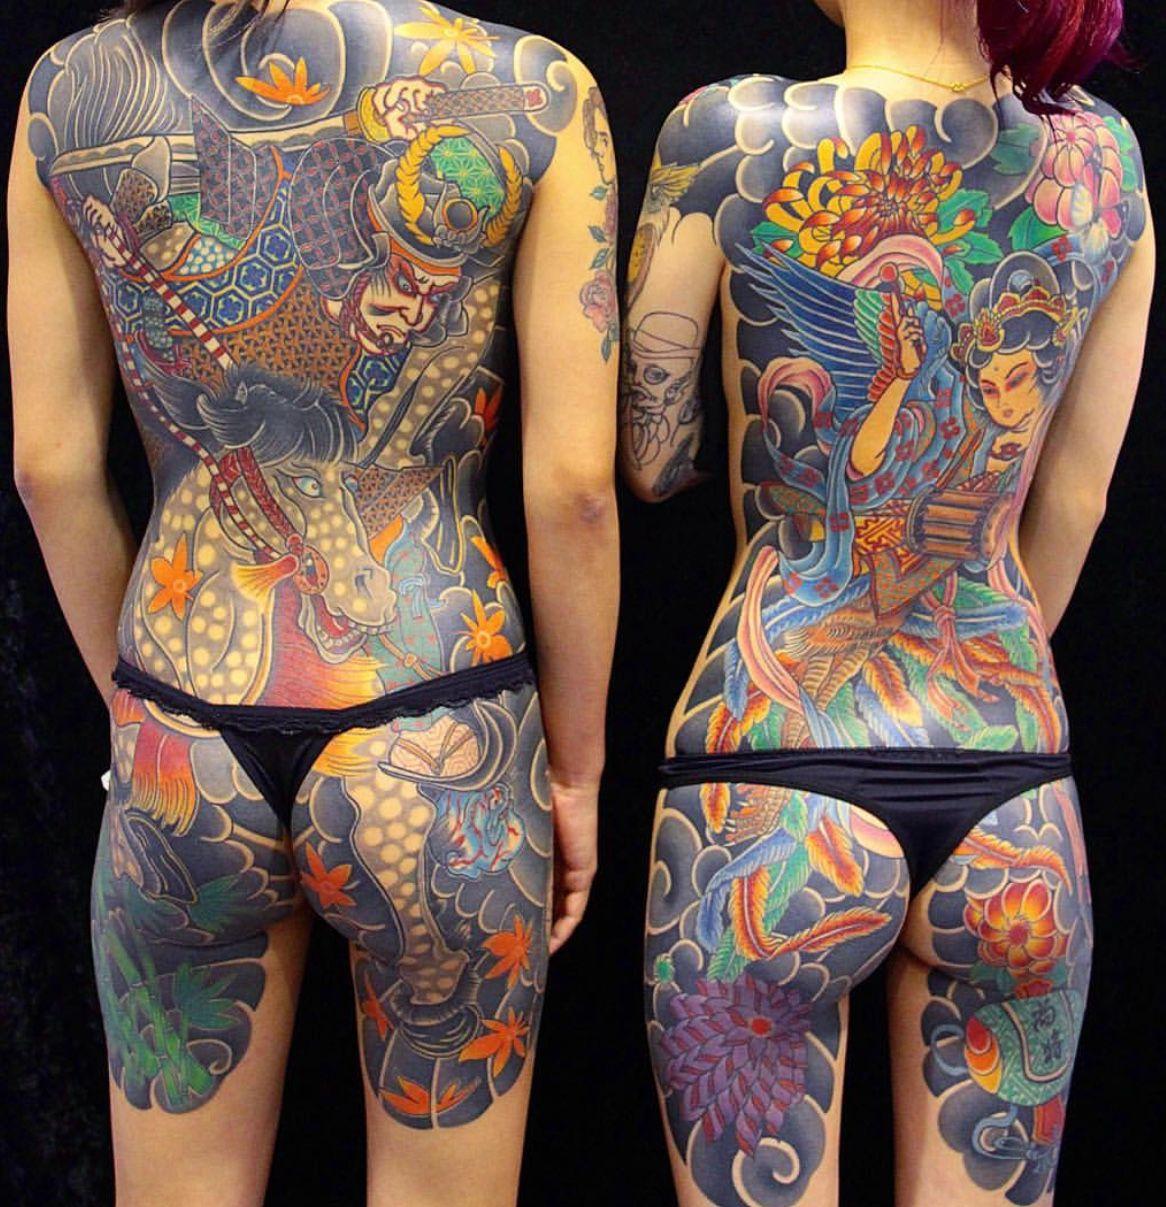 Tatuajes Cuerpo Entero tatuaje japonés cuerpo entero mujer | tatuajes | pinterest | tattoos